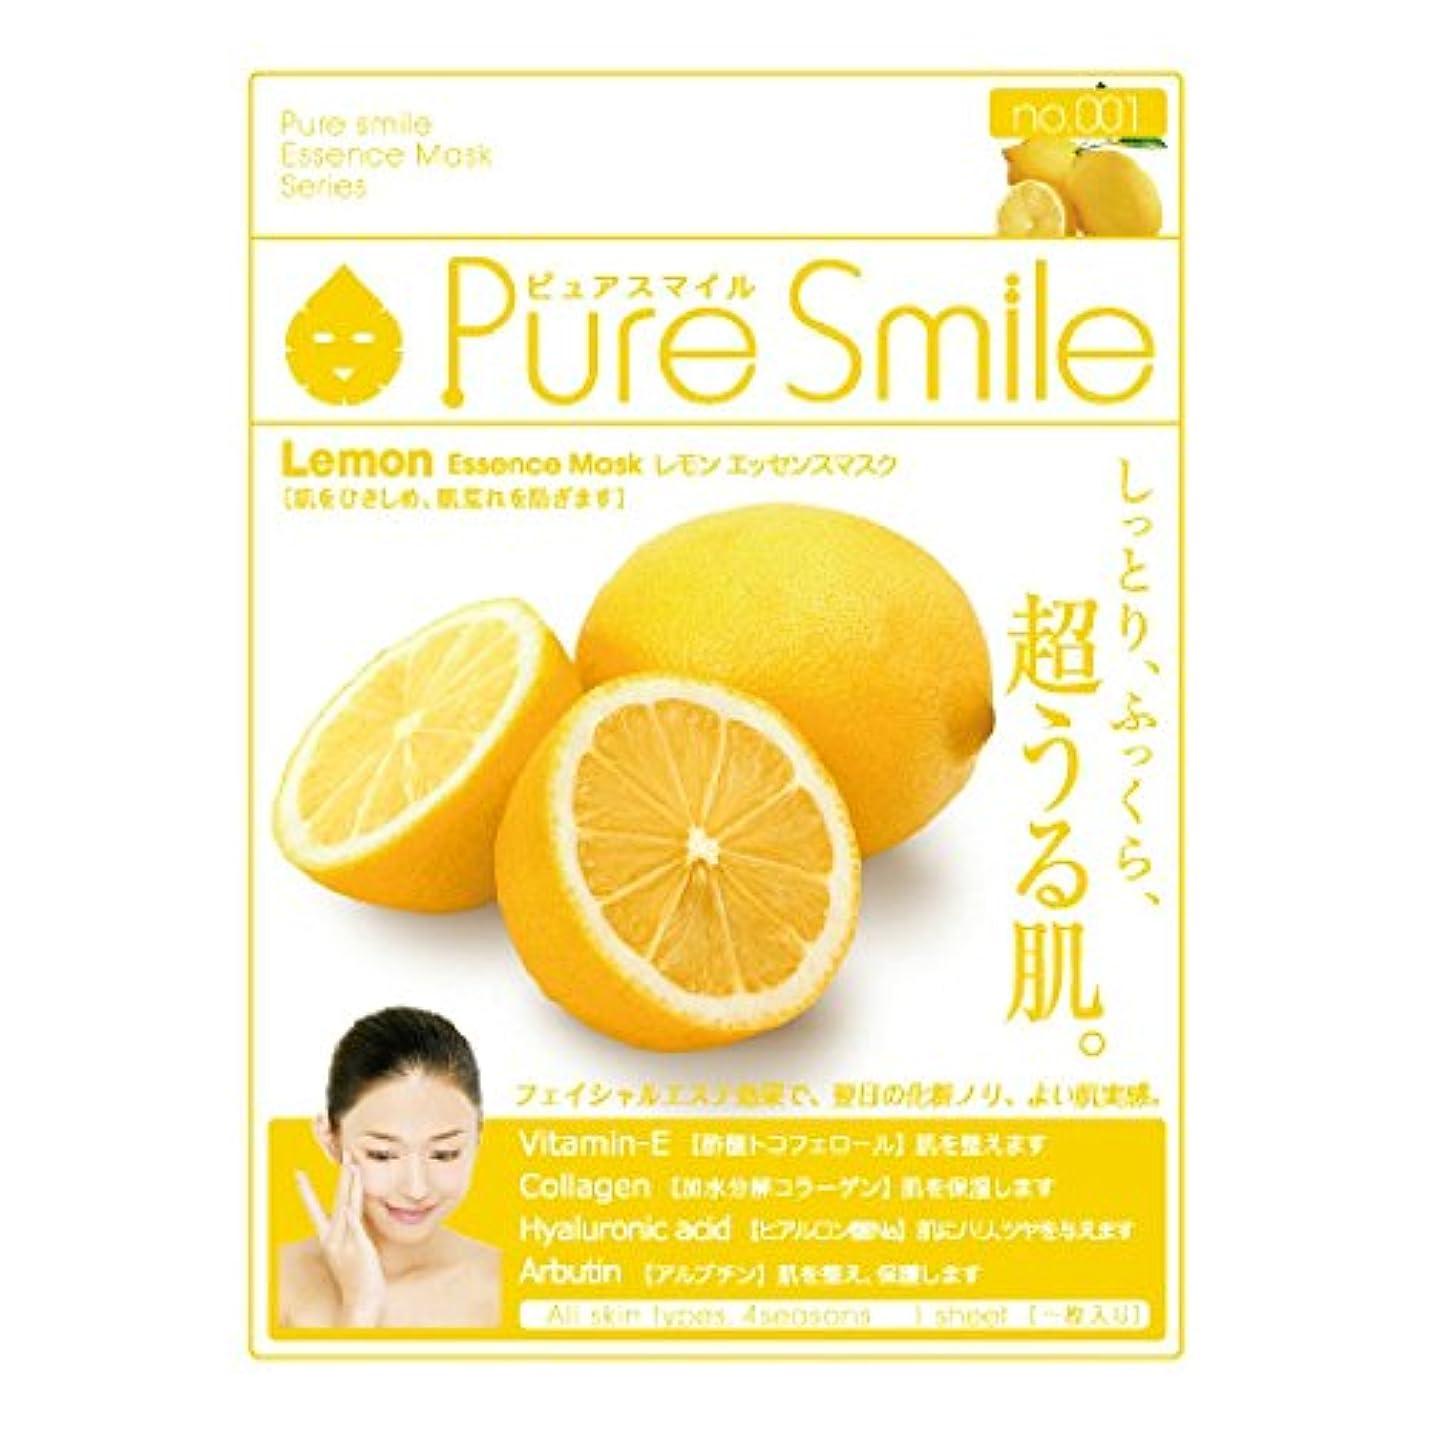 サイレント演じるポルトガル語ピュアスマイル エッセンスマスク 001 レモン